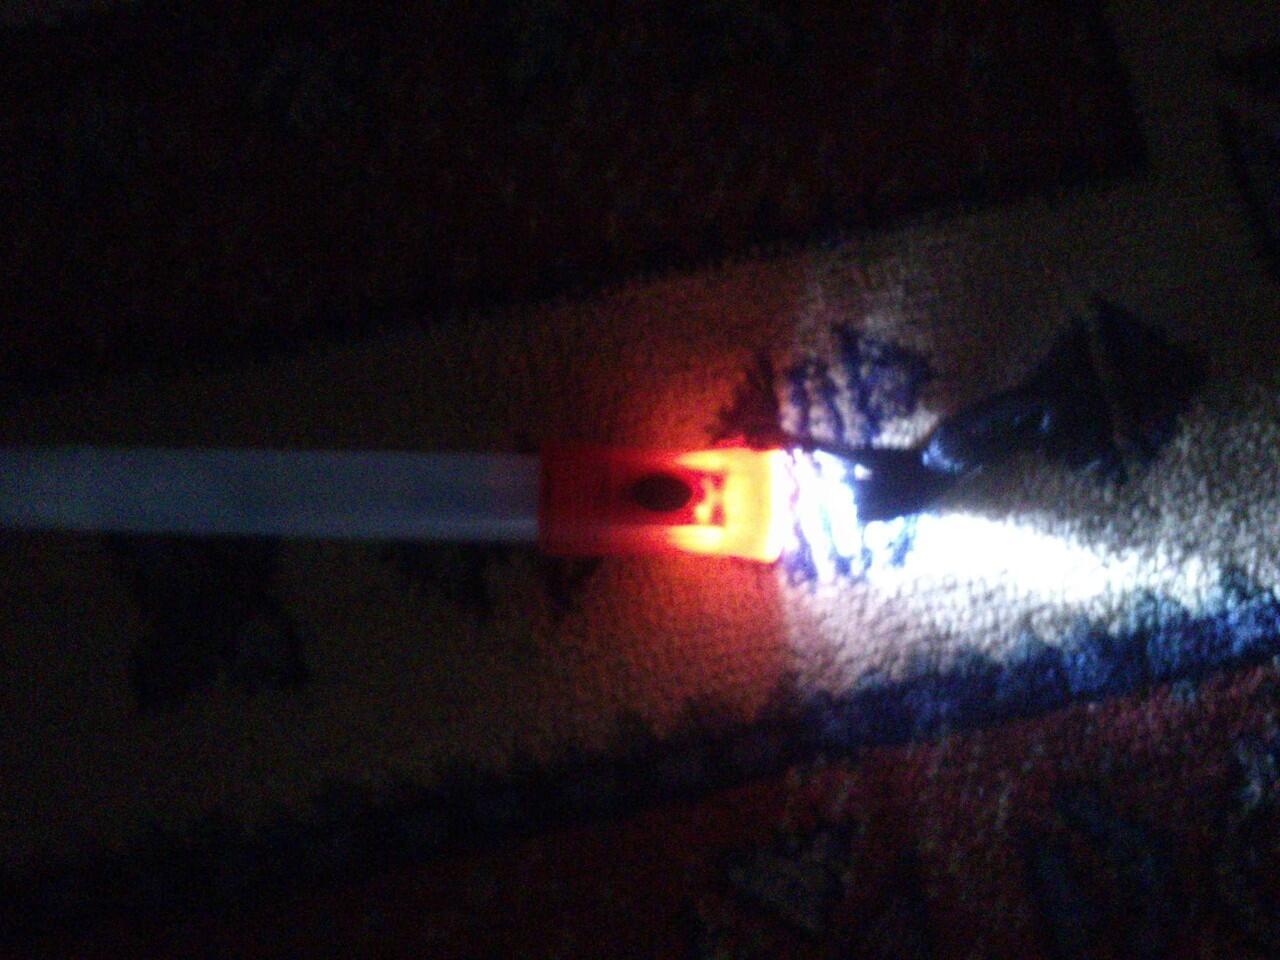 Lightstick battery, Cocok untuk Event event dan fleksibel digunakan untuk Camping